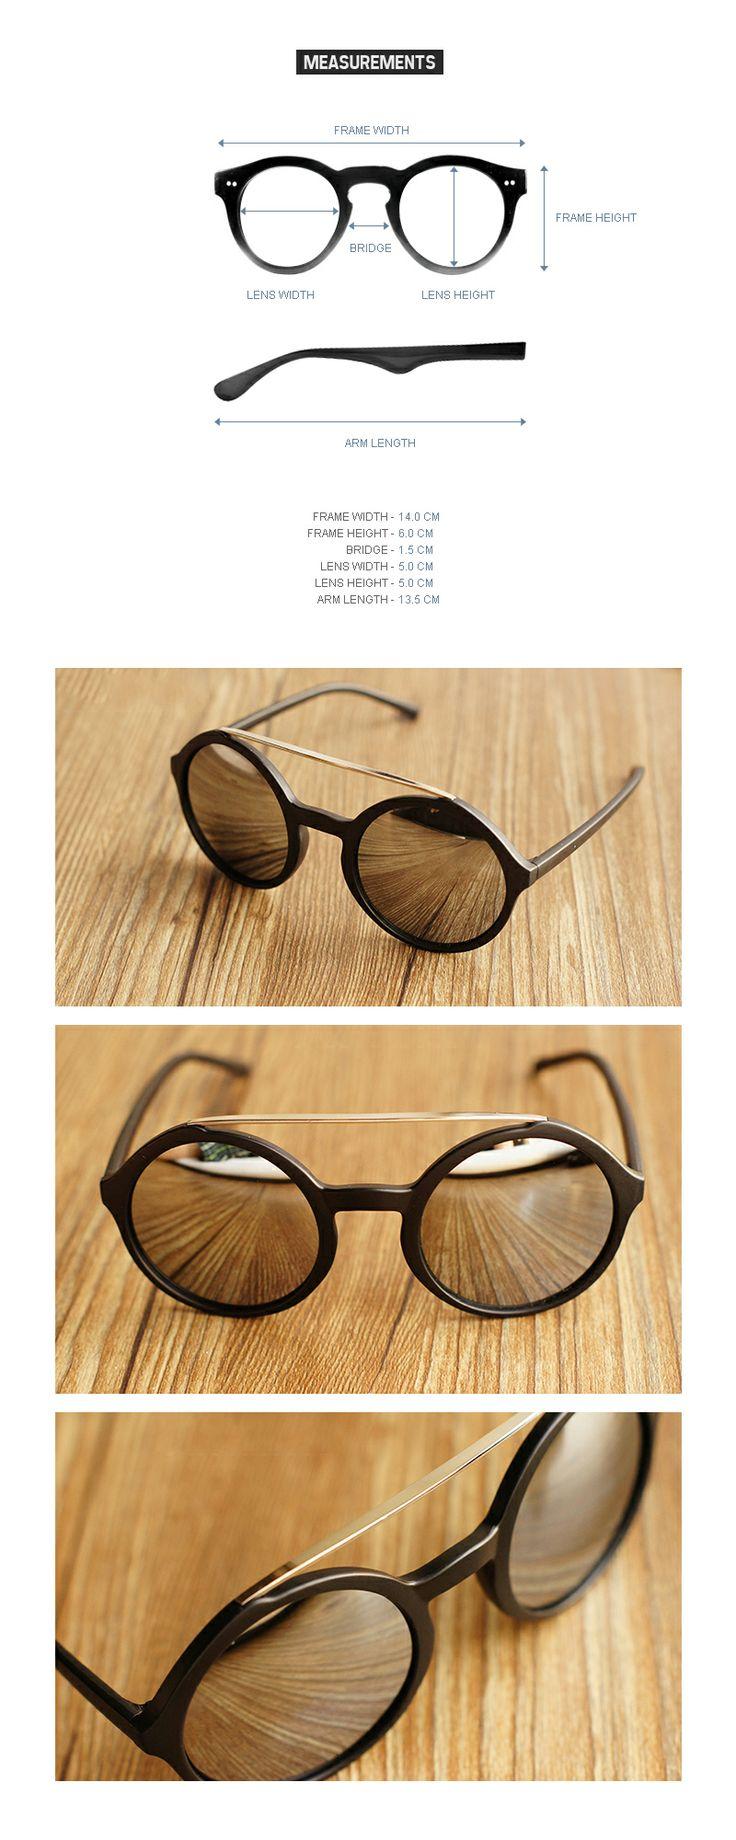 #Slim face sunglasses Mercury lens retro sunglasses designer sunglasses silver lens round sunglasses #Silver lens #Mercury lens Visit - FUNMEMO.COM  to see More